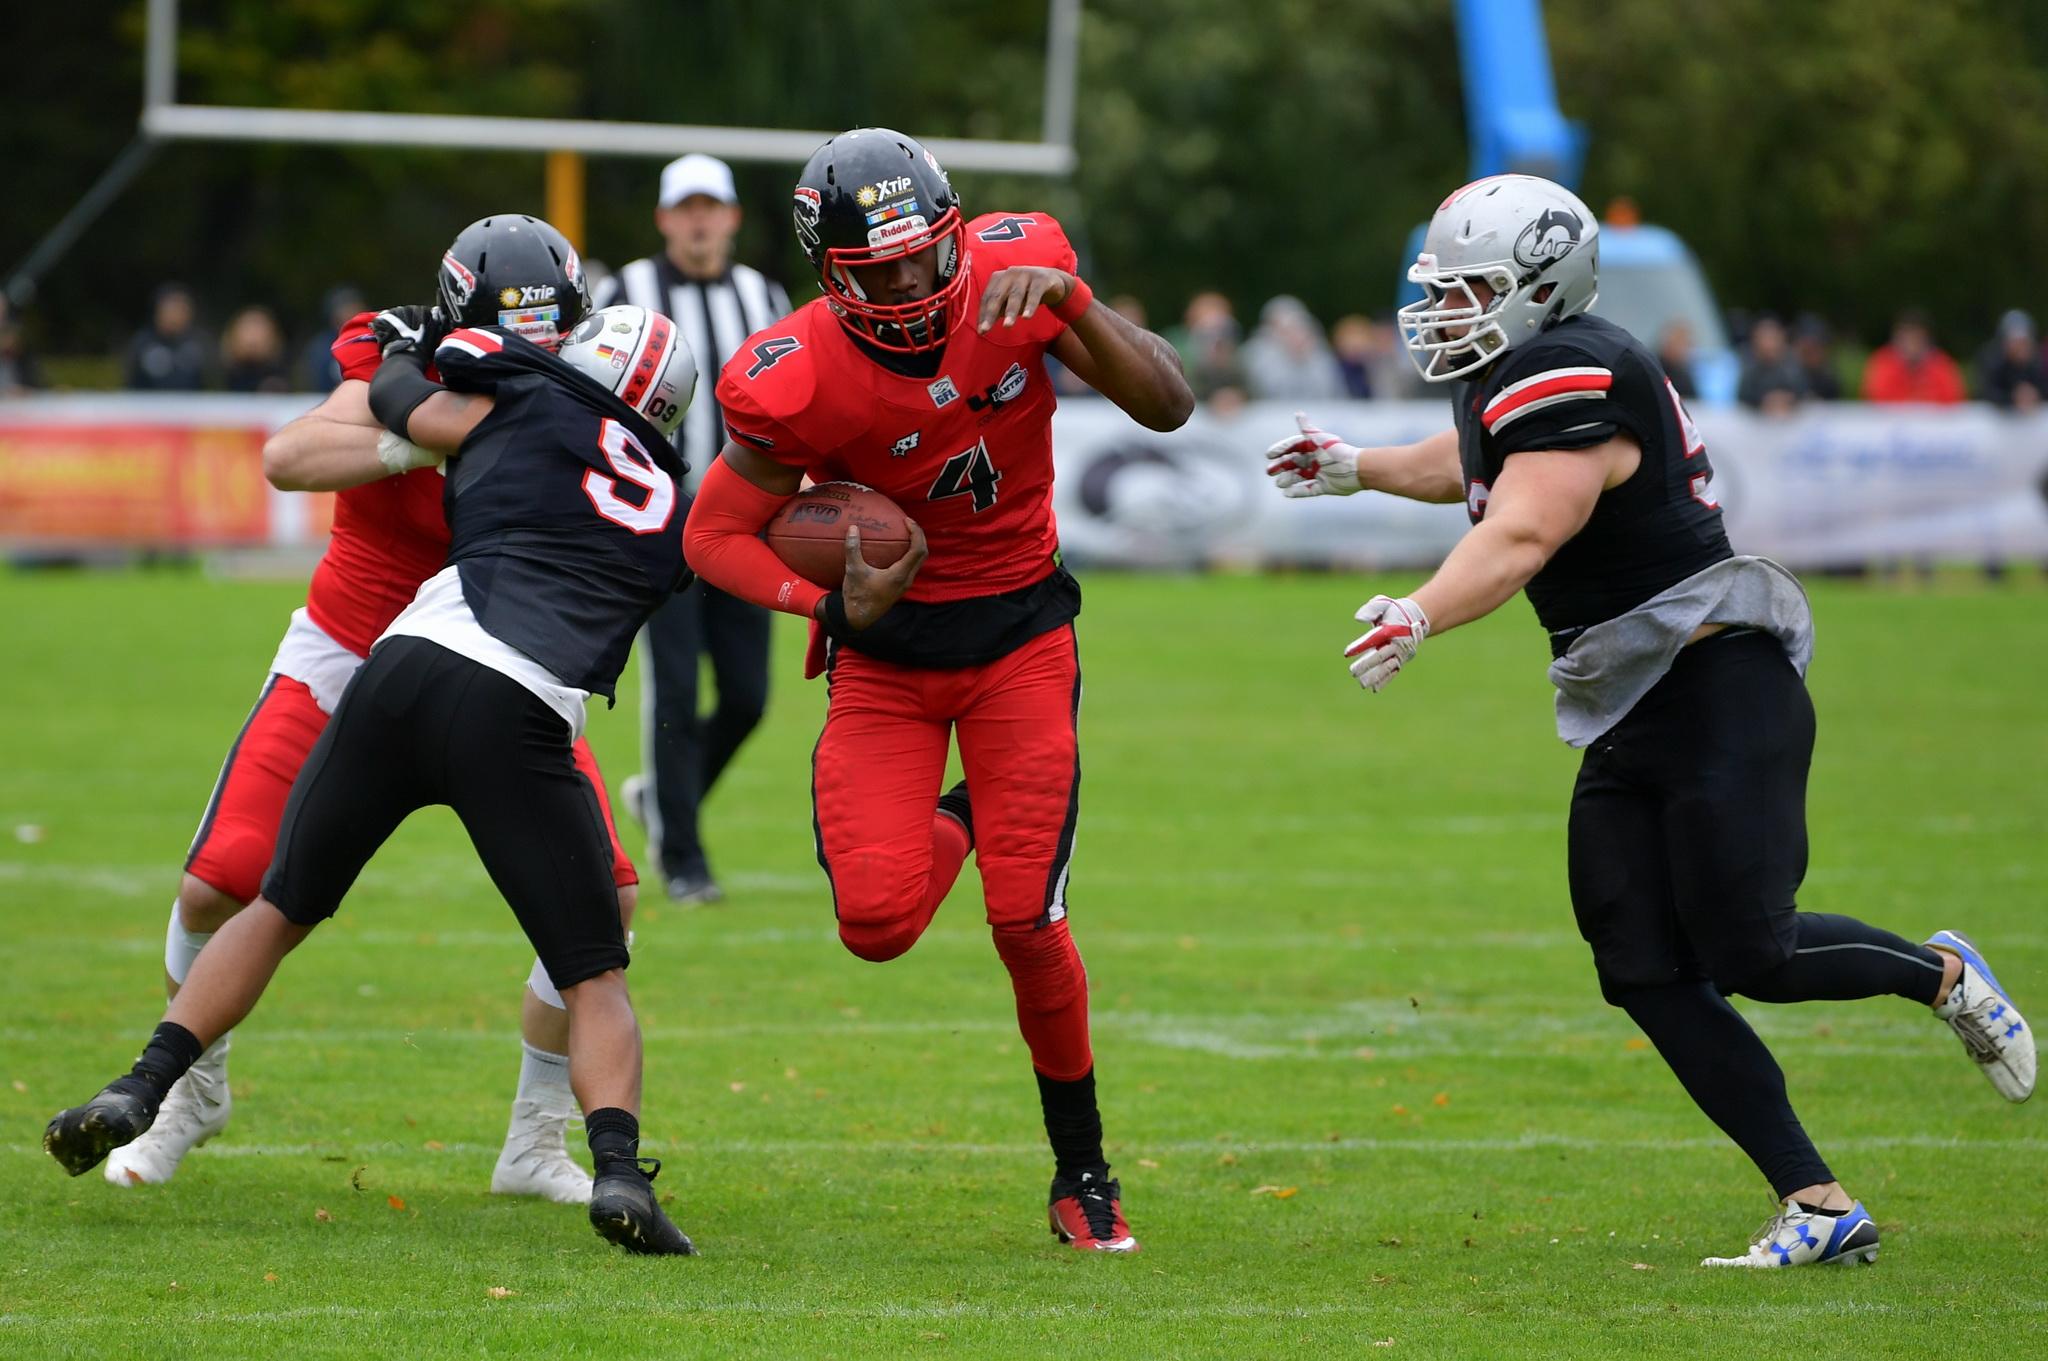 Panther vs. Huskies 36:10 in Hamburg – Panther stehen kurz vor dem Aufstieg…